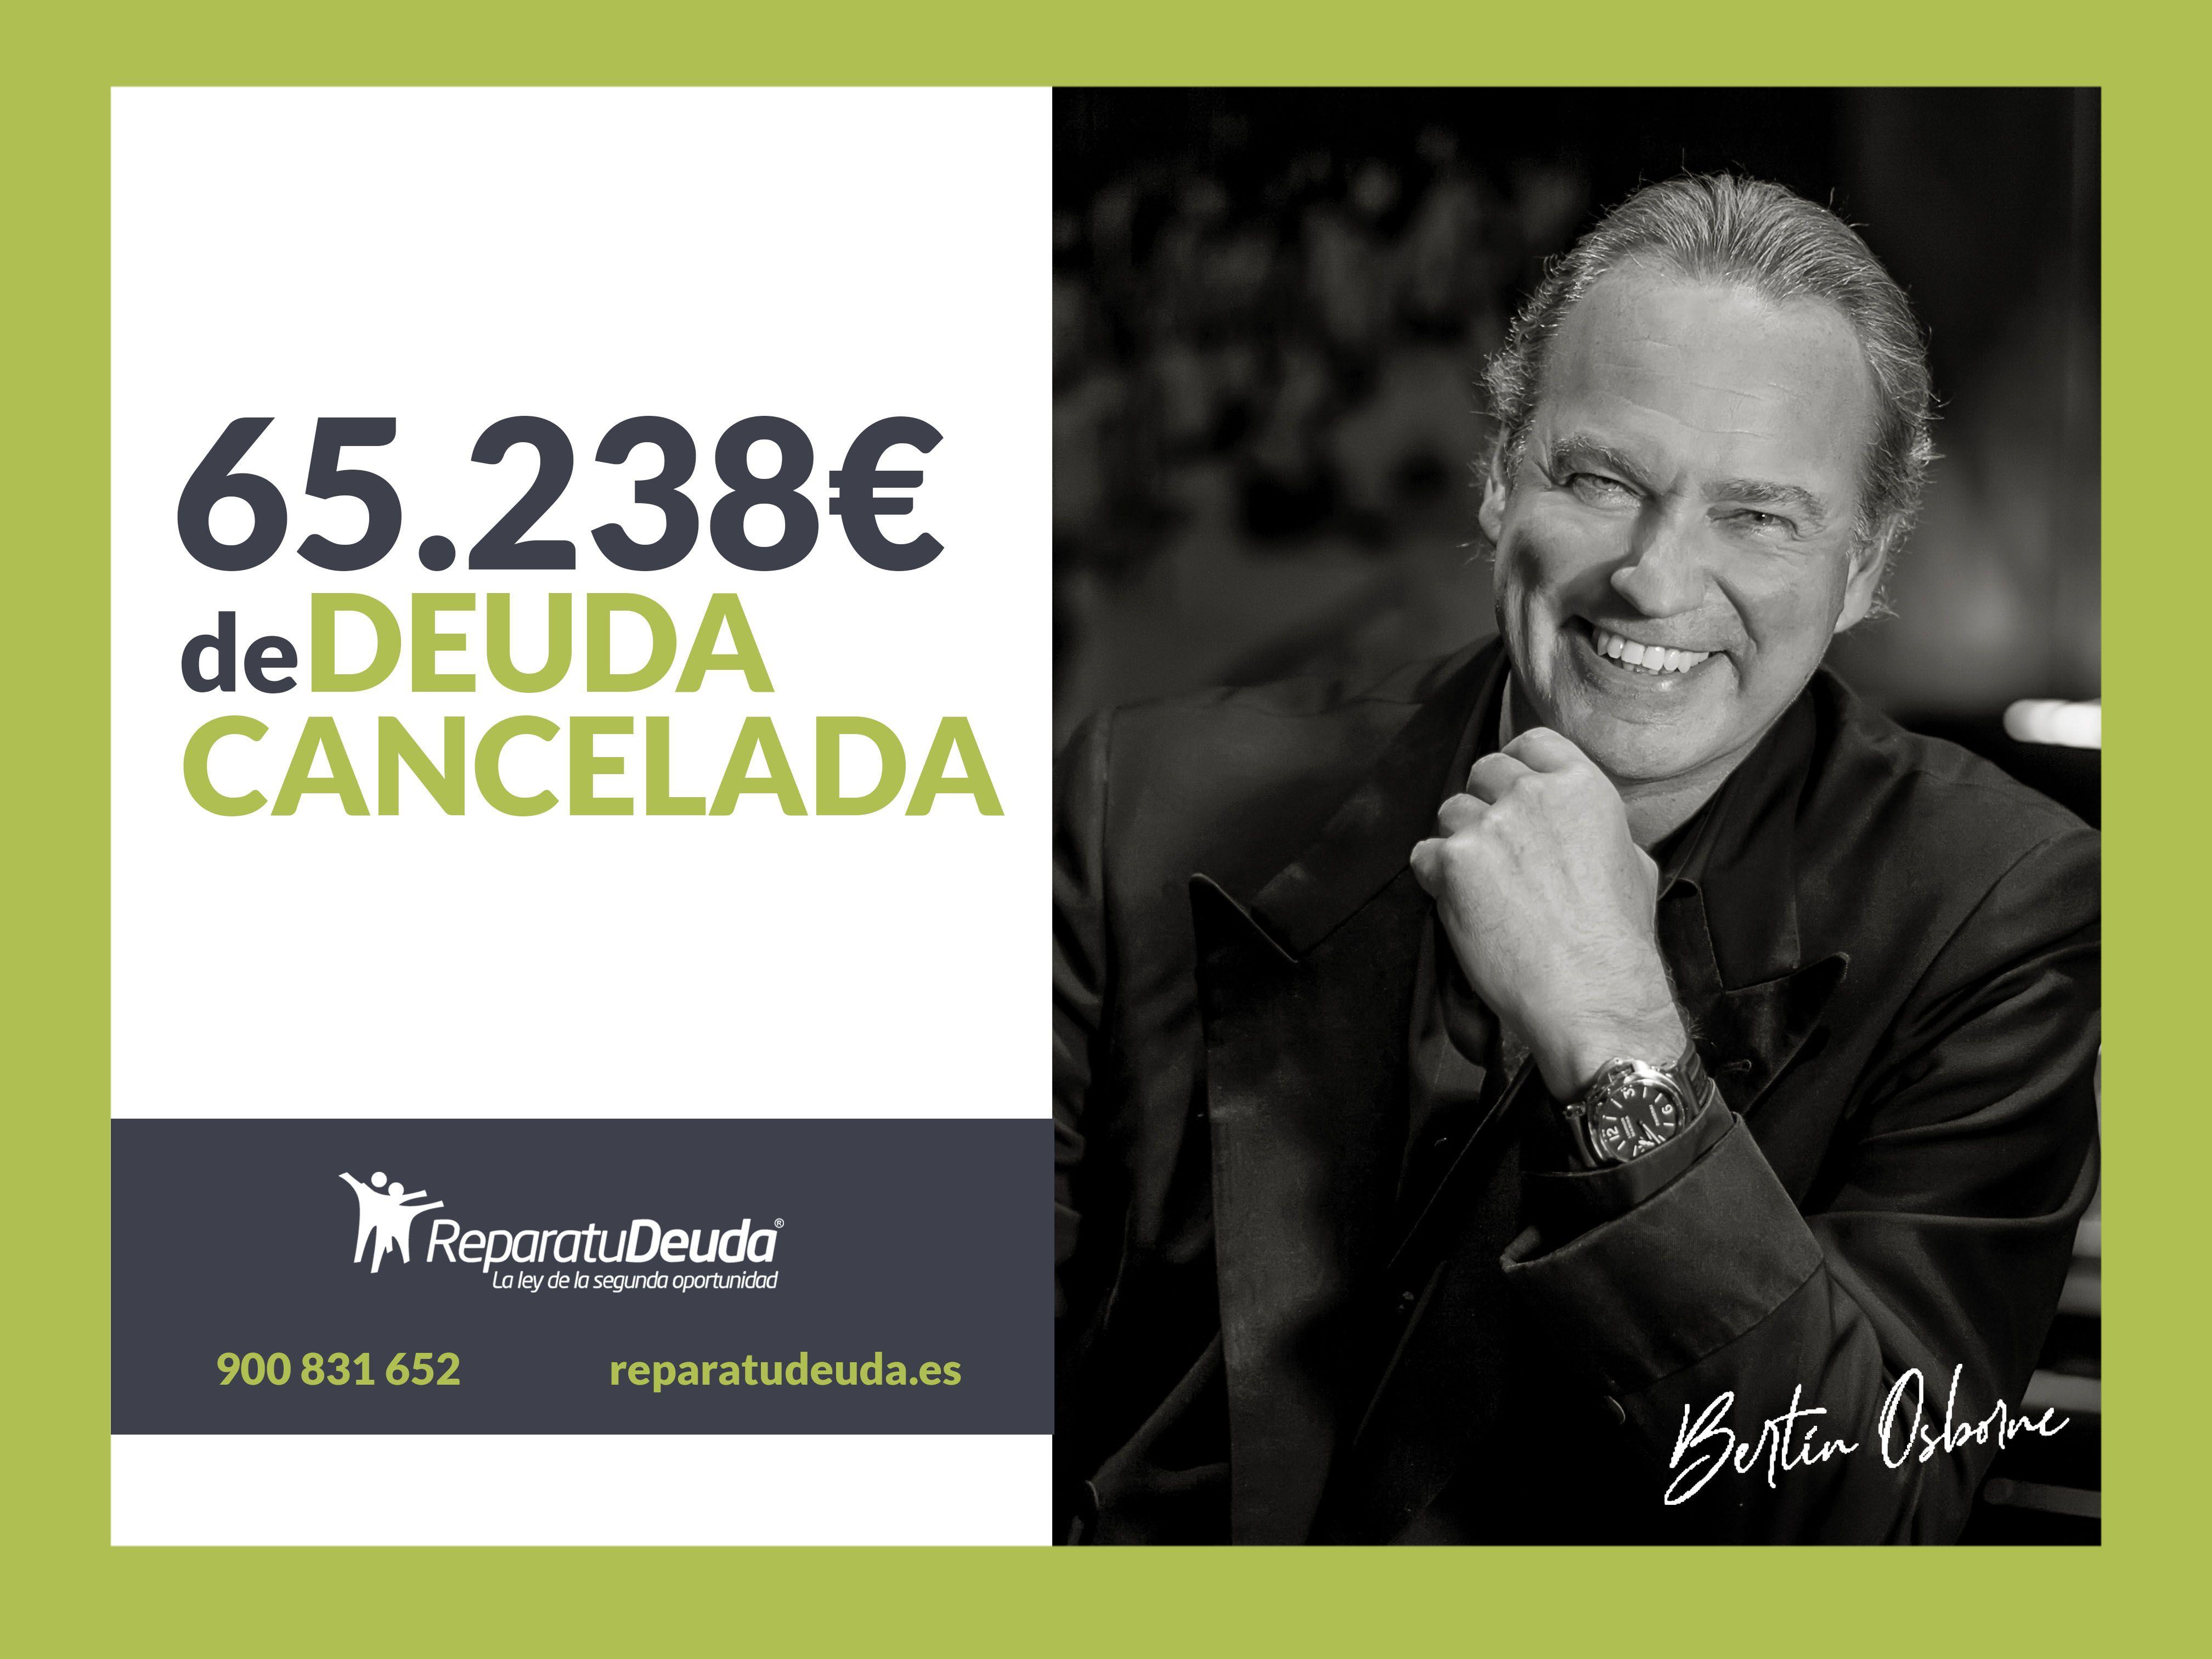 Repara tu deuda Abogados cancela 65.238 ? con 12 bancos, en Albacete, con la Ley de la Segunda oportunidad